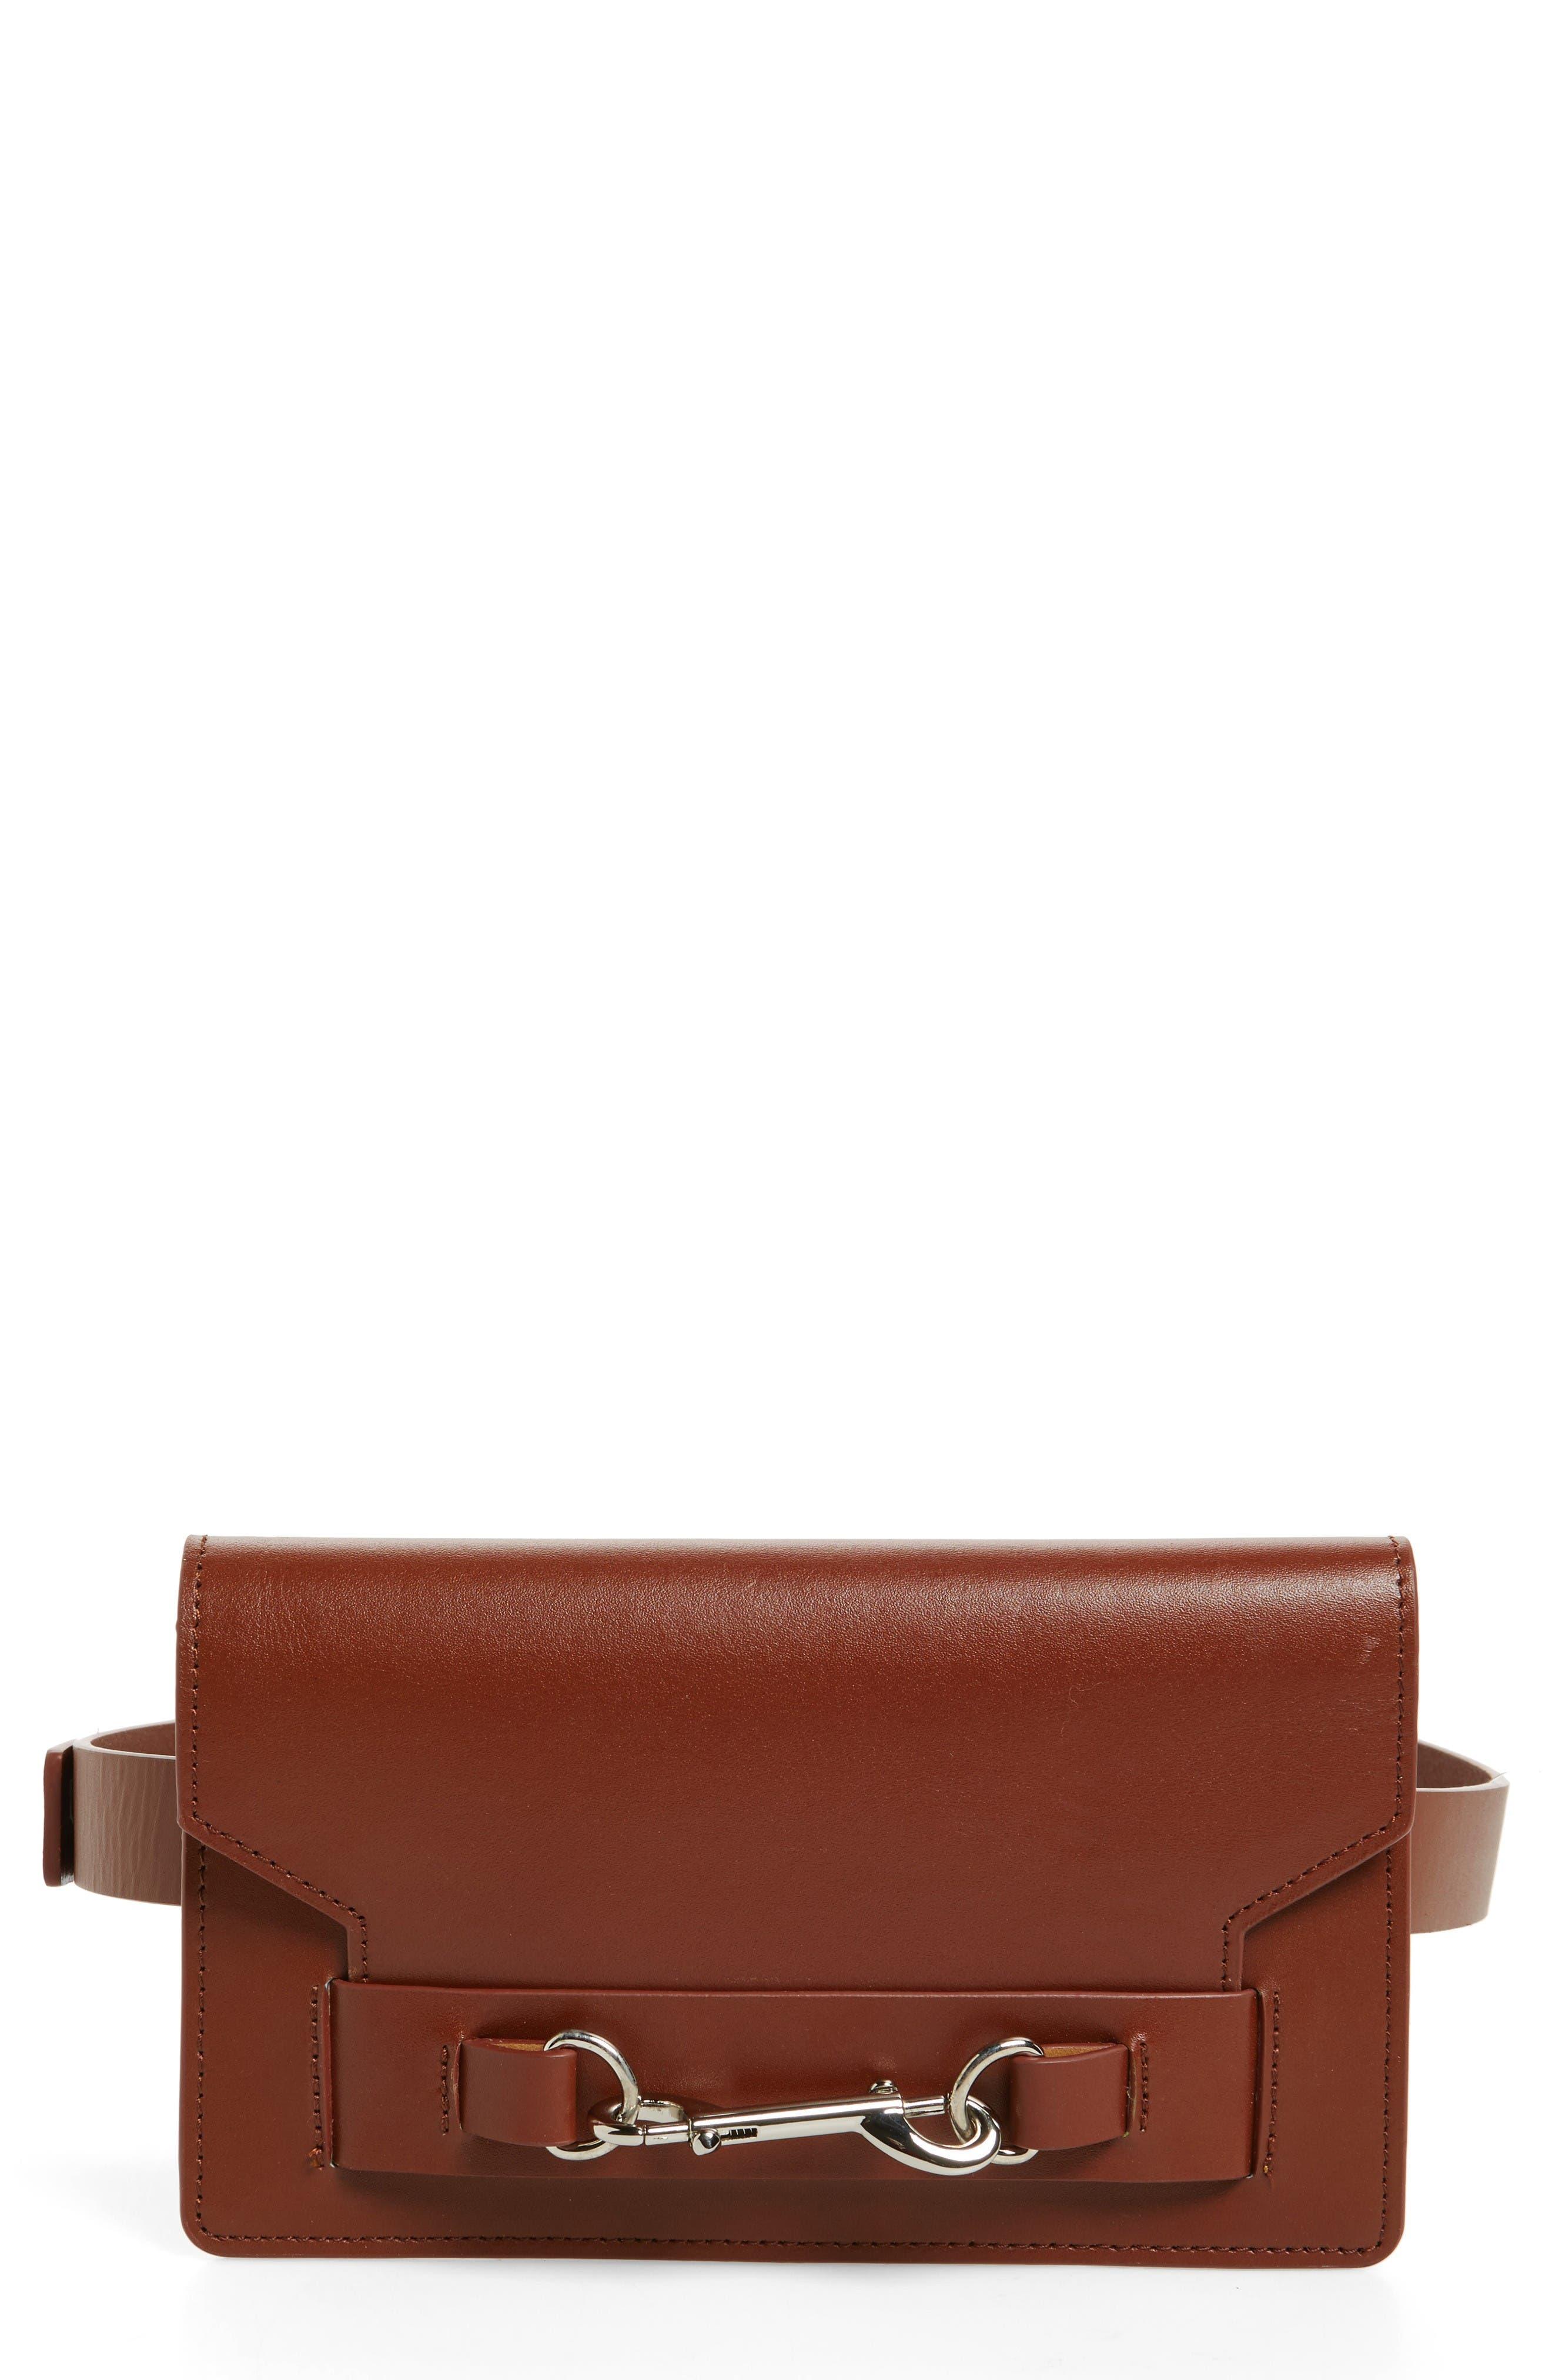 Alternate Image 1 Selected - Rebecca Minkoff Belt Bag